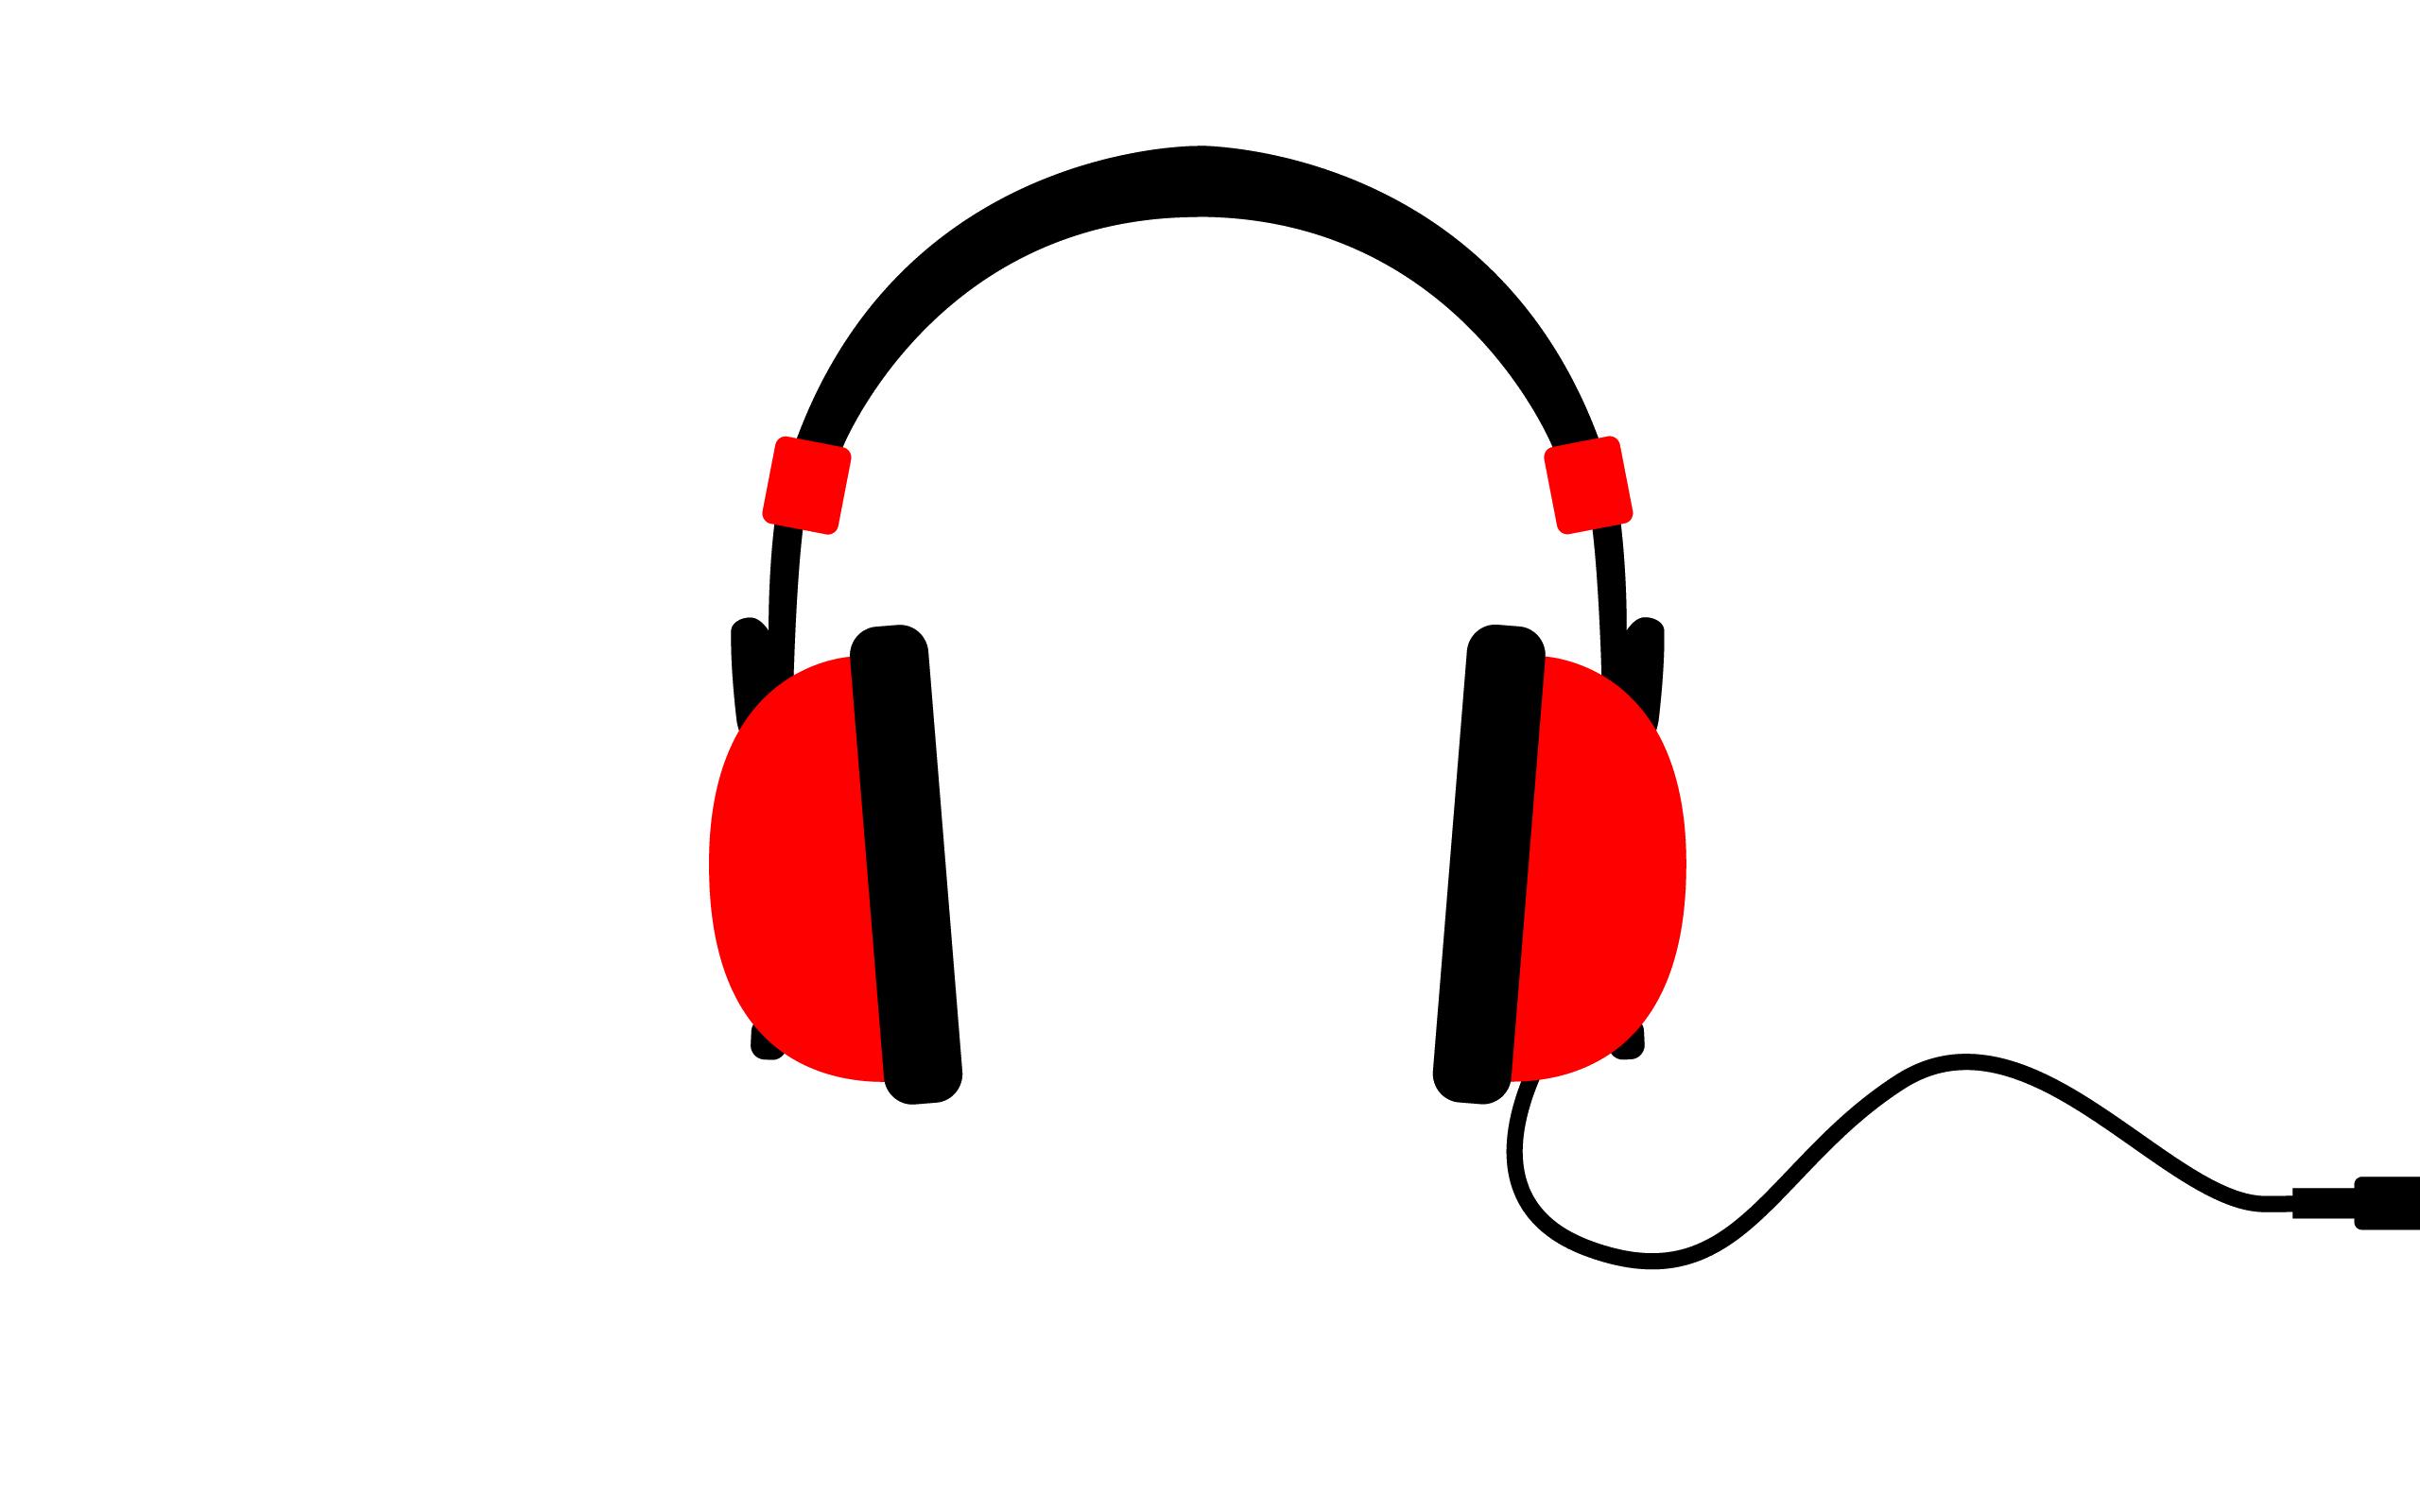 Headphones clipart Com Clipart PNGMart Download PNG